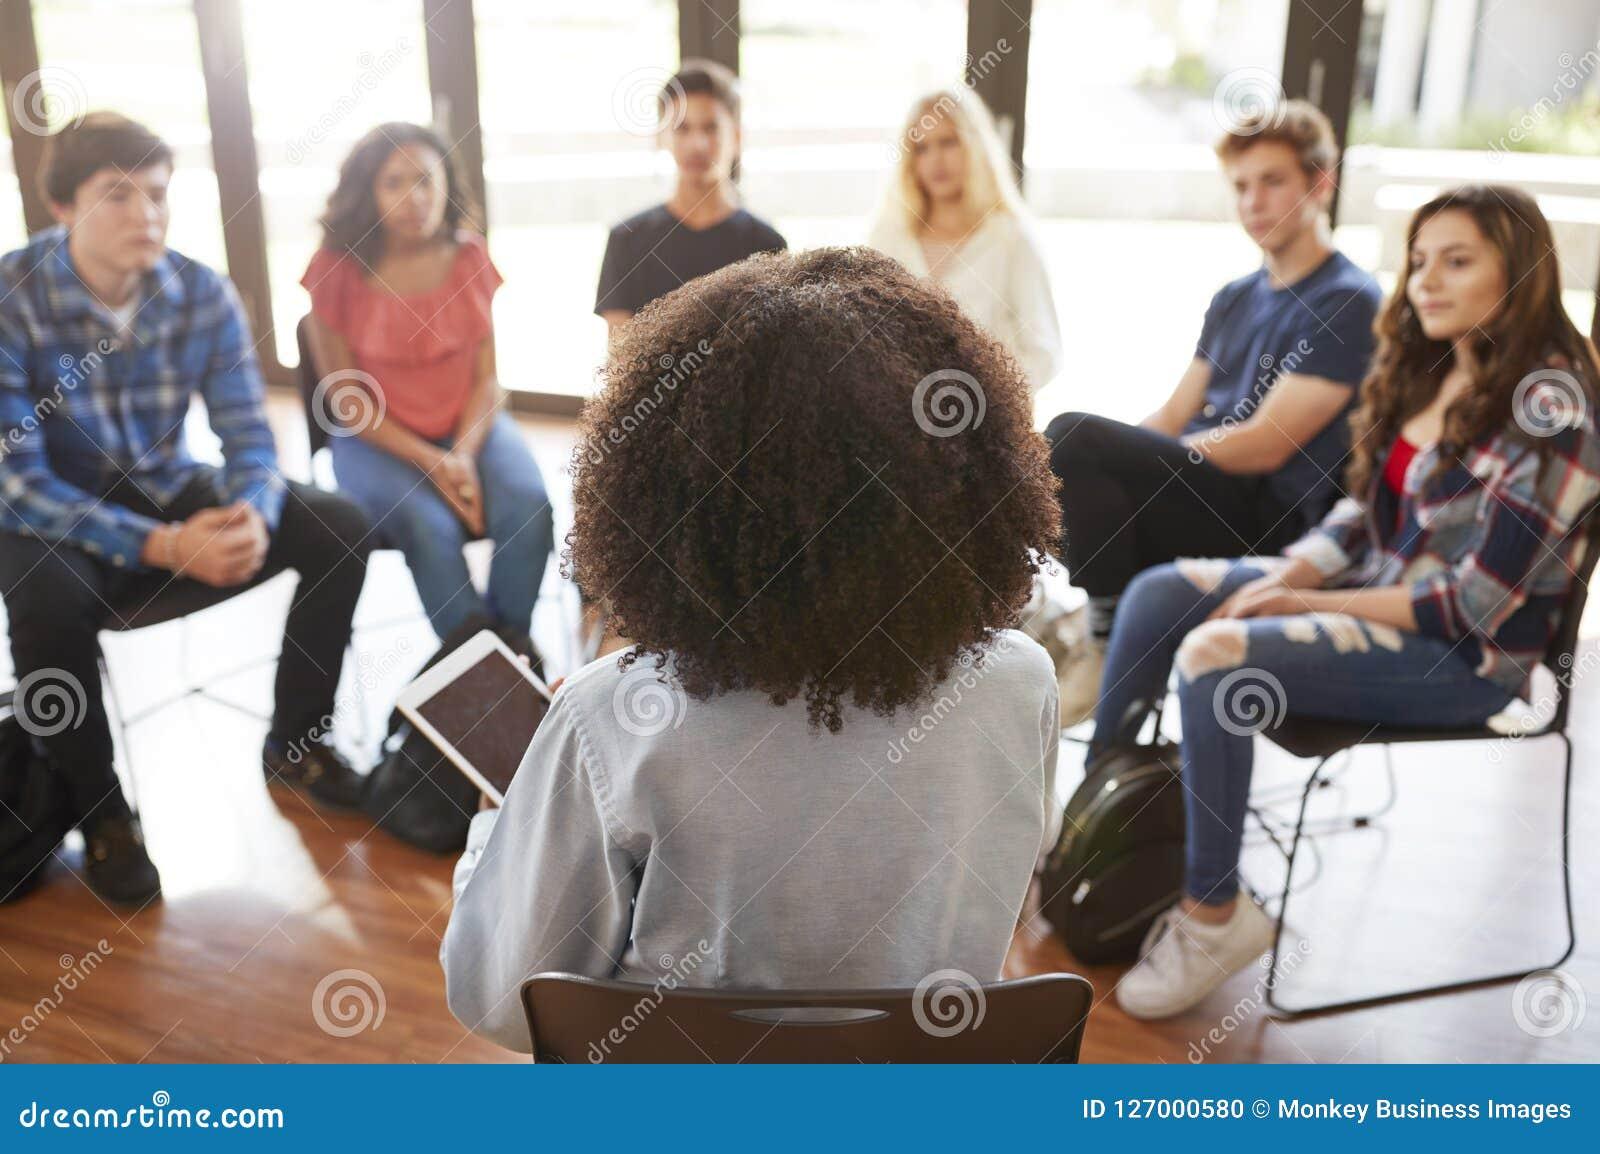 Vue arrière de tuteur féminin Leading Discussion Group parmi des élèves de lycée